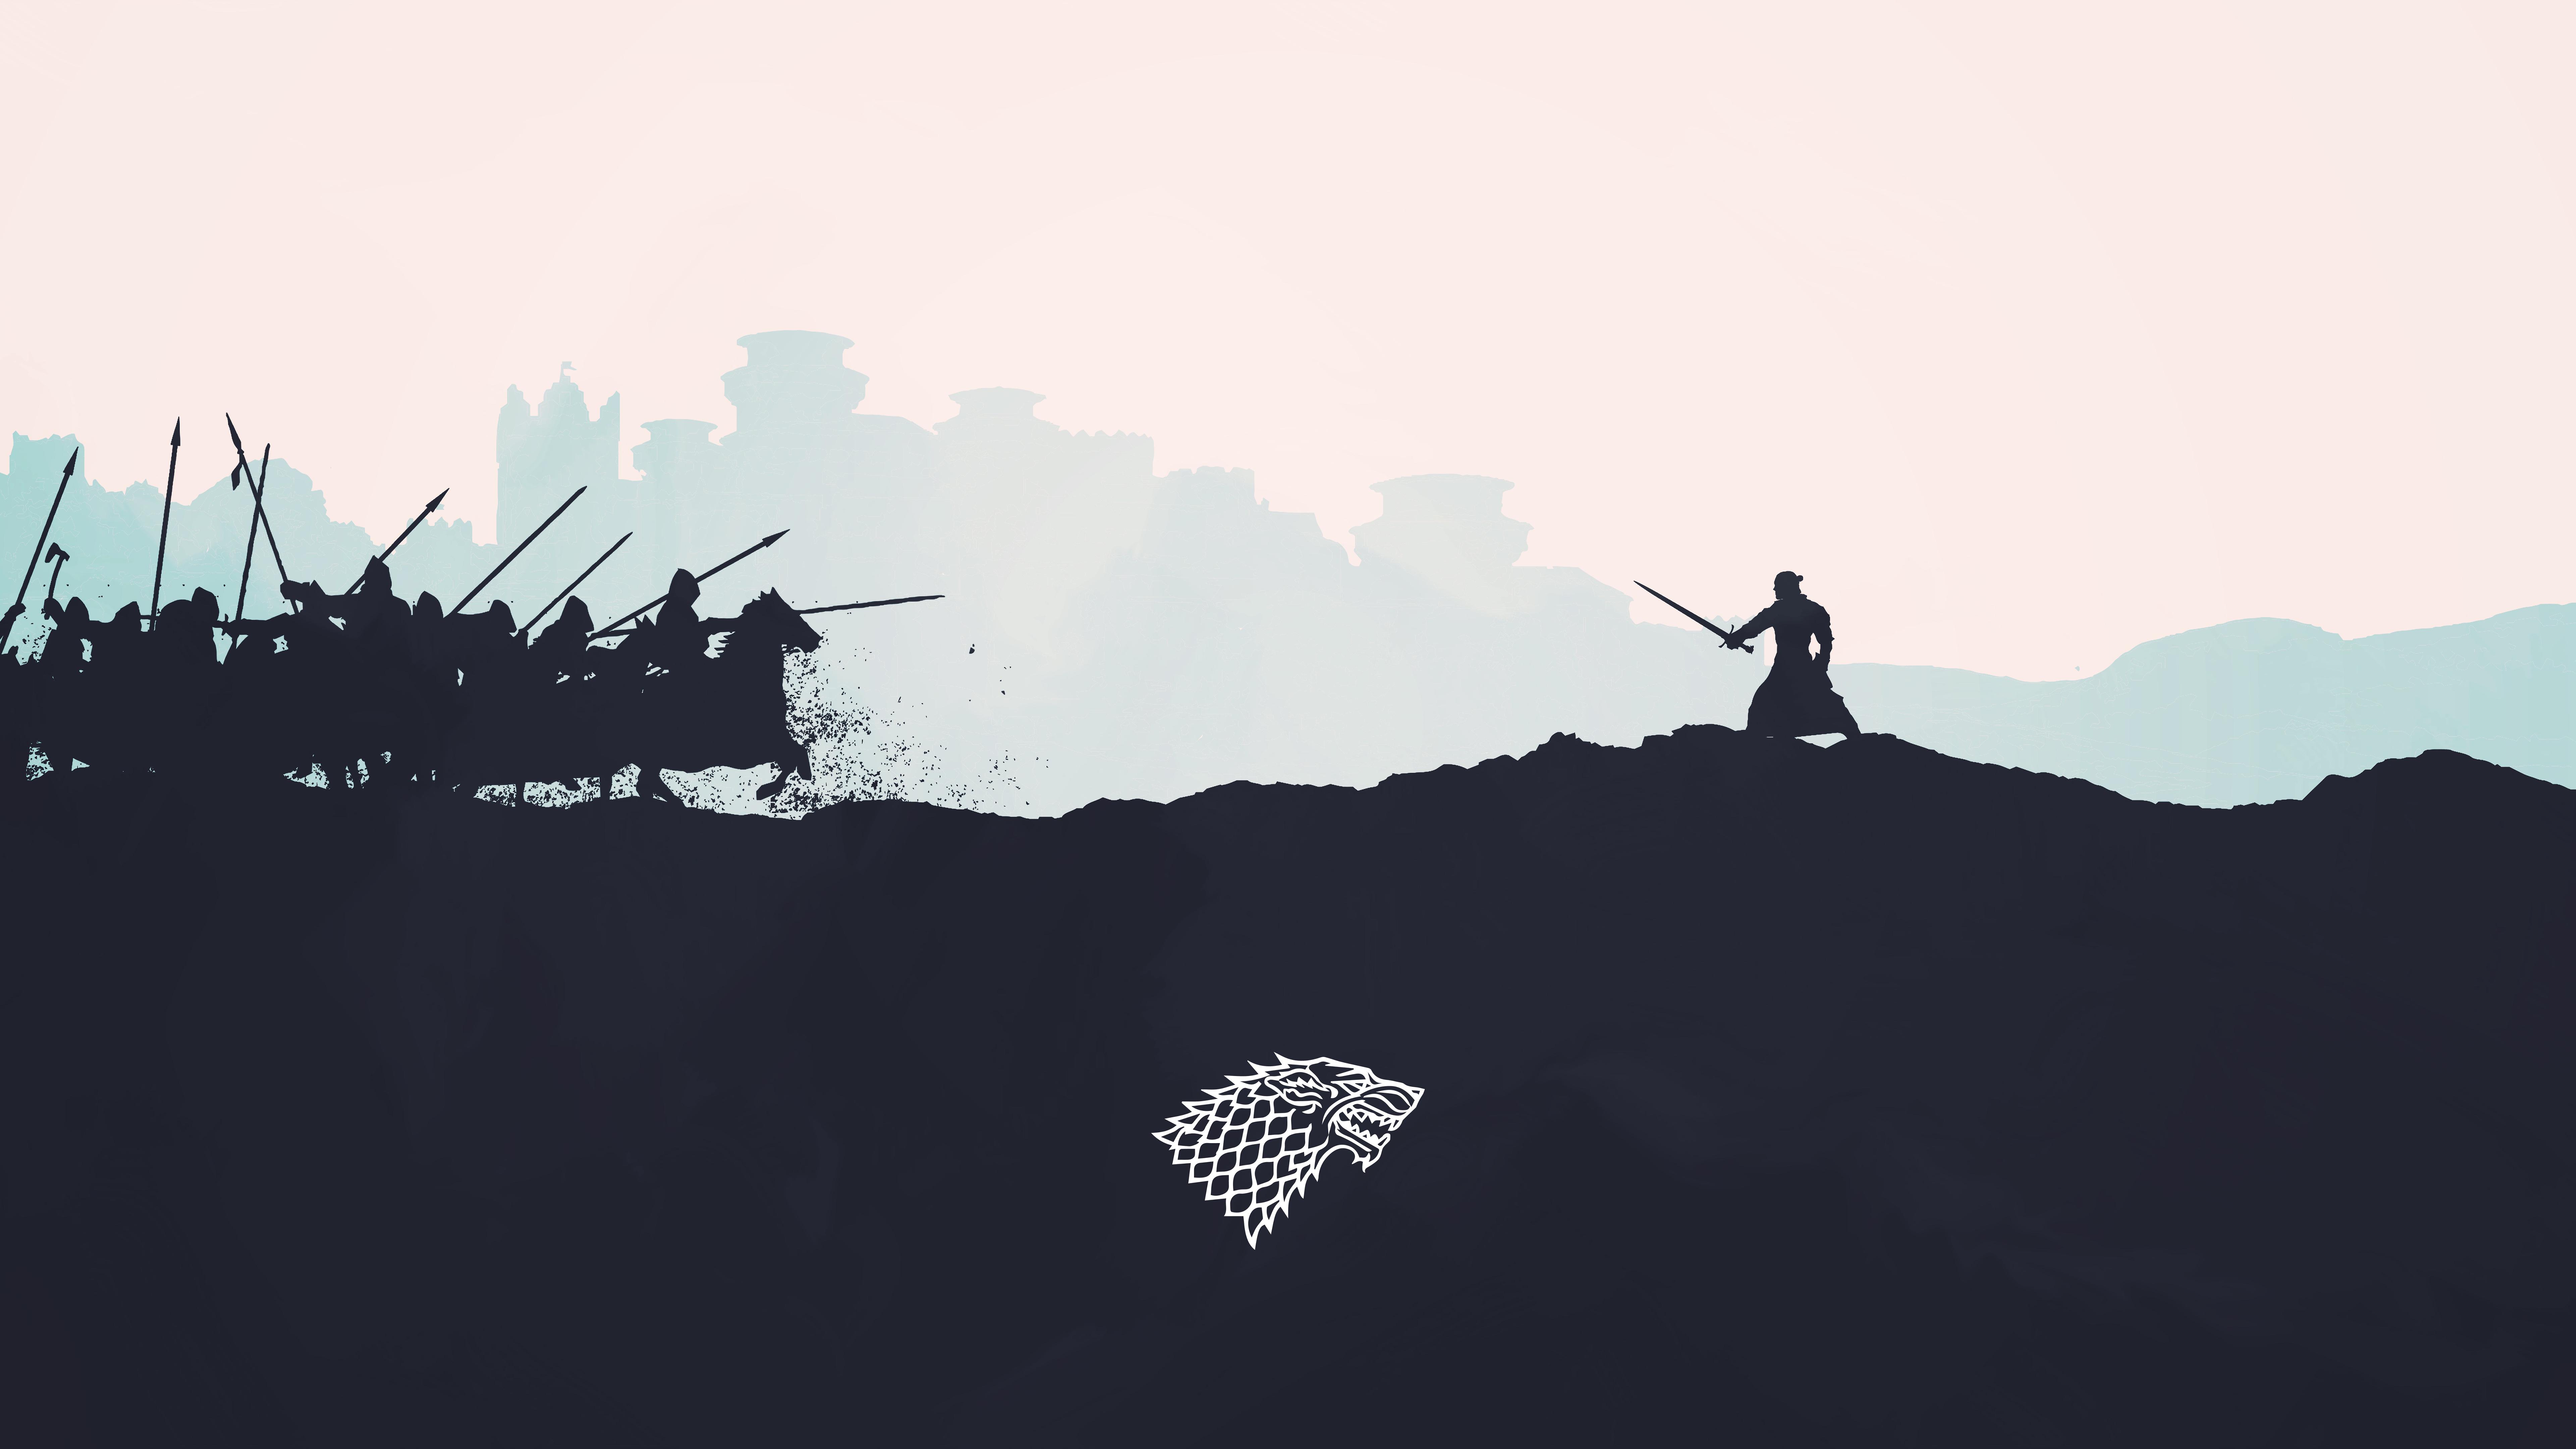 Game Of Thrones 4k Desktop Backgrounds Wallpaper - Game Of Thrones Wallpaper 4k - HD Wallpaper